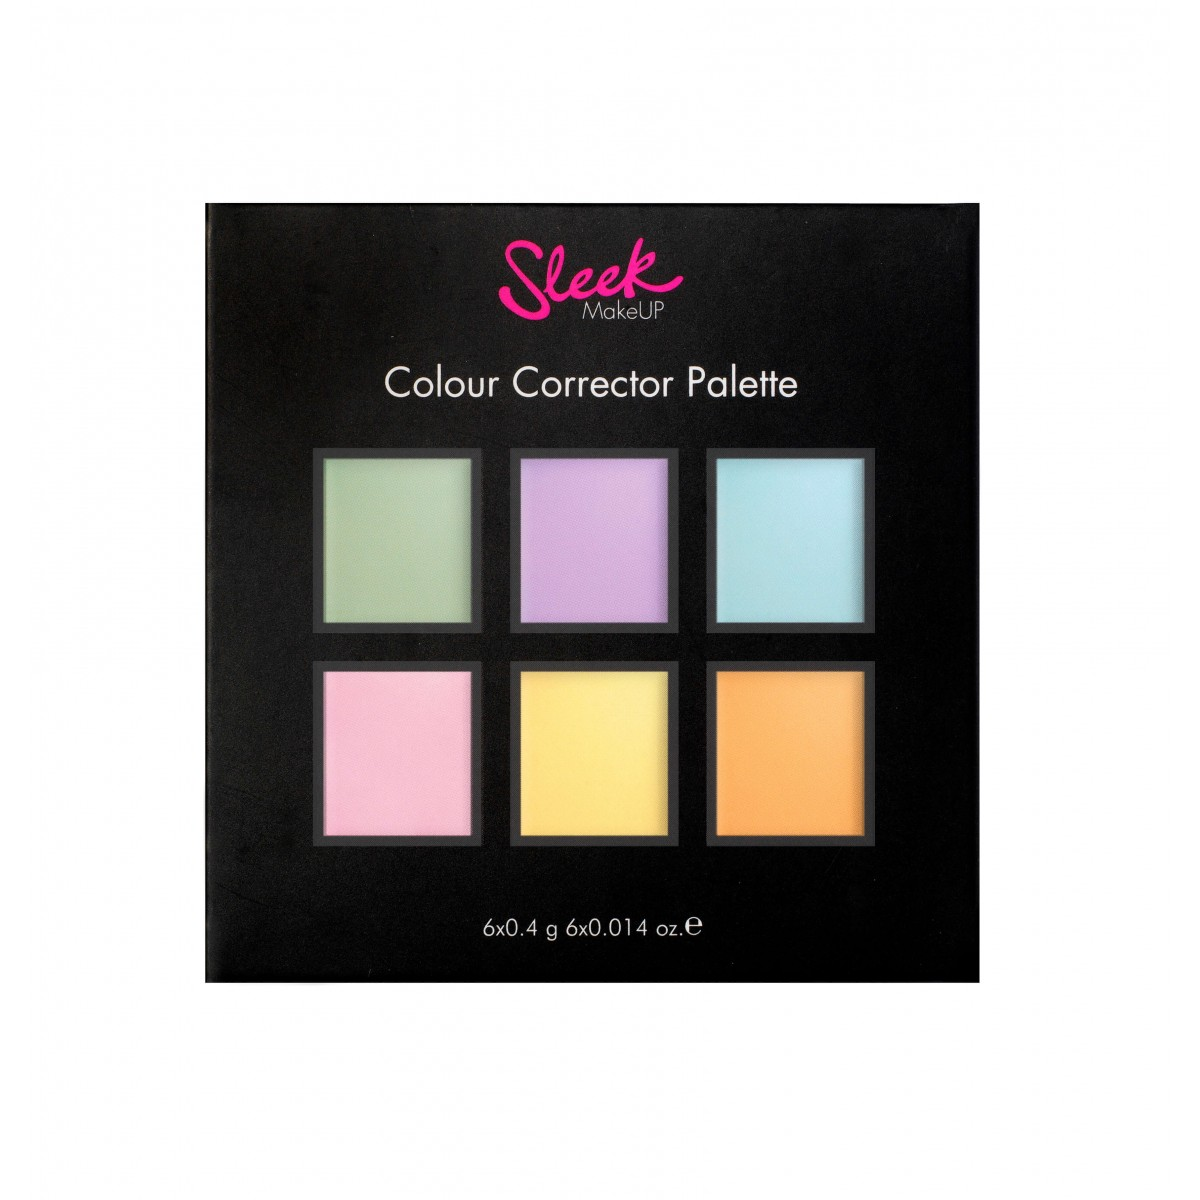 Colorful makeup palette